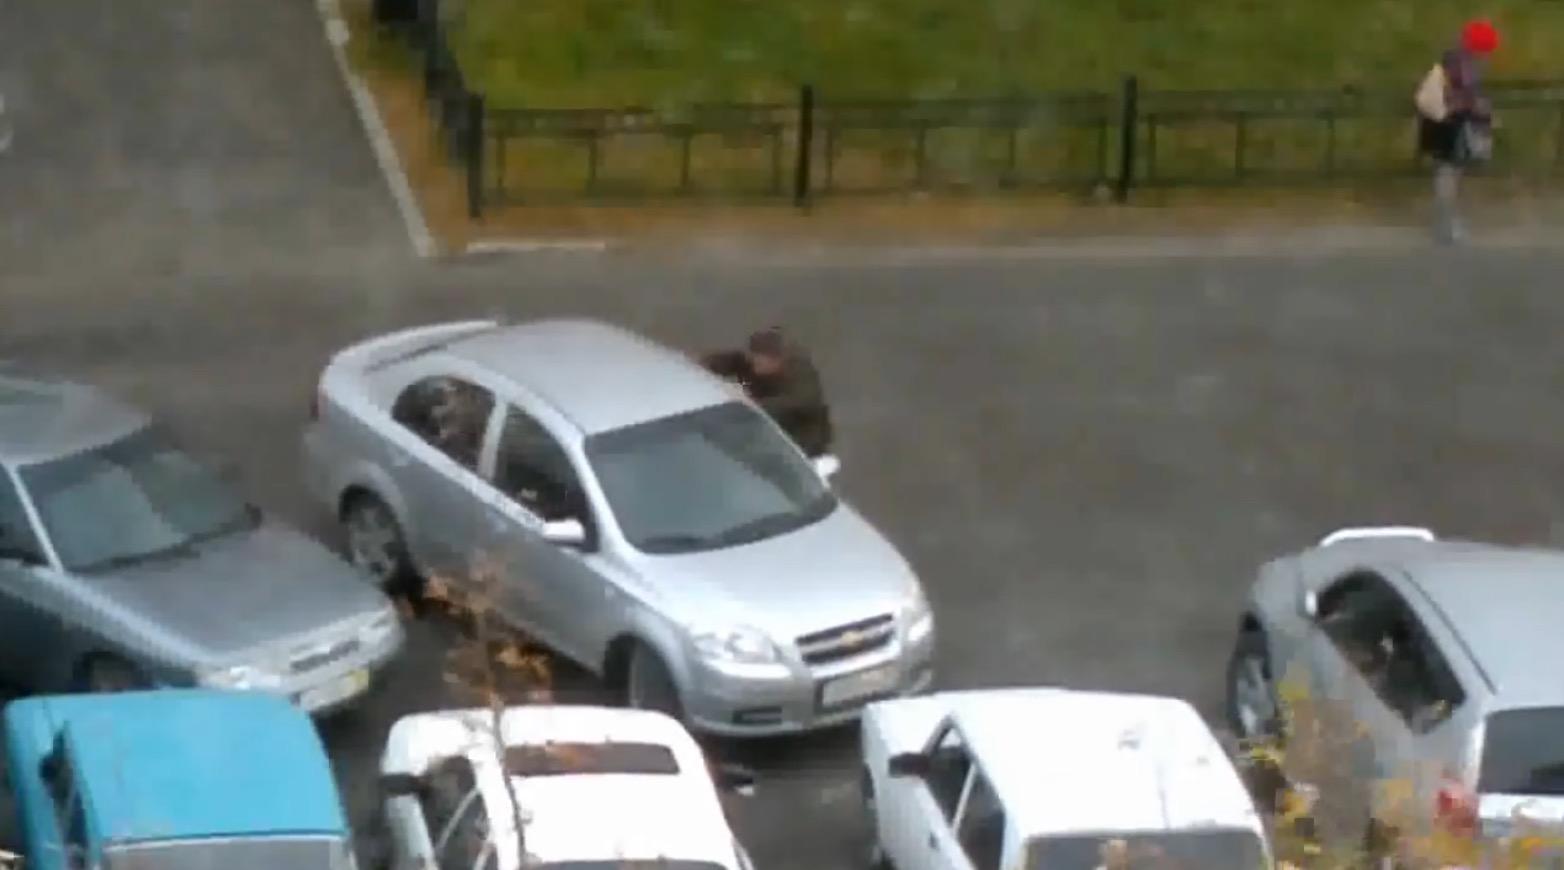 出口が塞がれてる、、迷惑すぎる駐車にブチギレたドライバーが取った方法